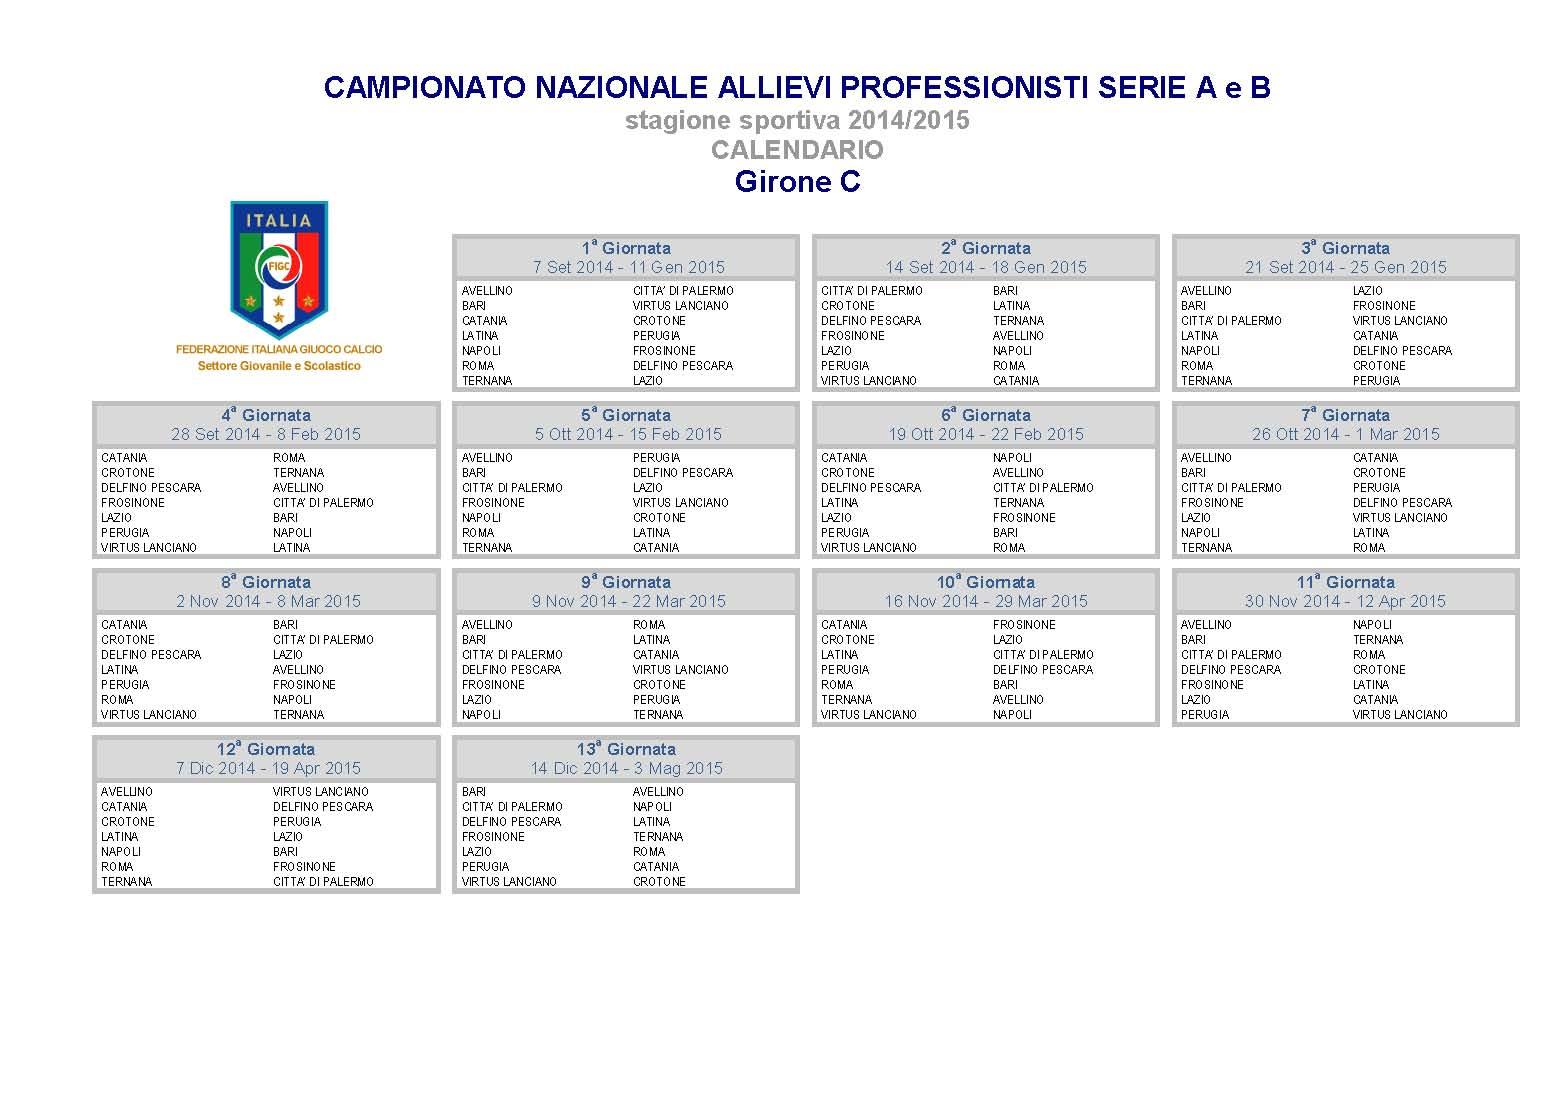 Calendario Allievi Nazionali.Ufficiale Allievi Nazionali Ecco Il Calendario Il Napoli